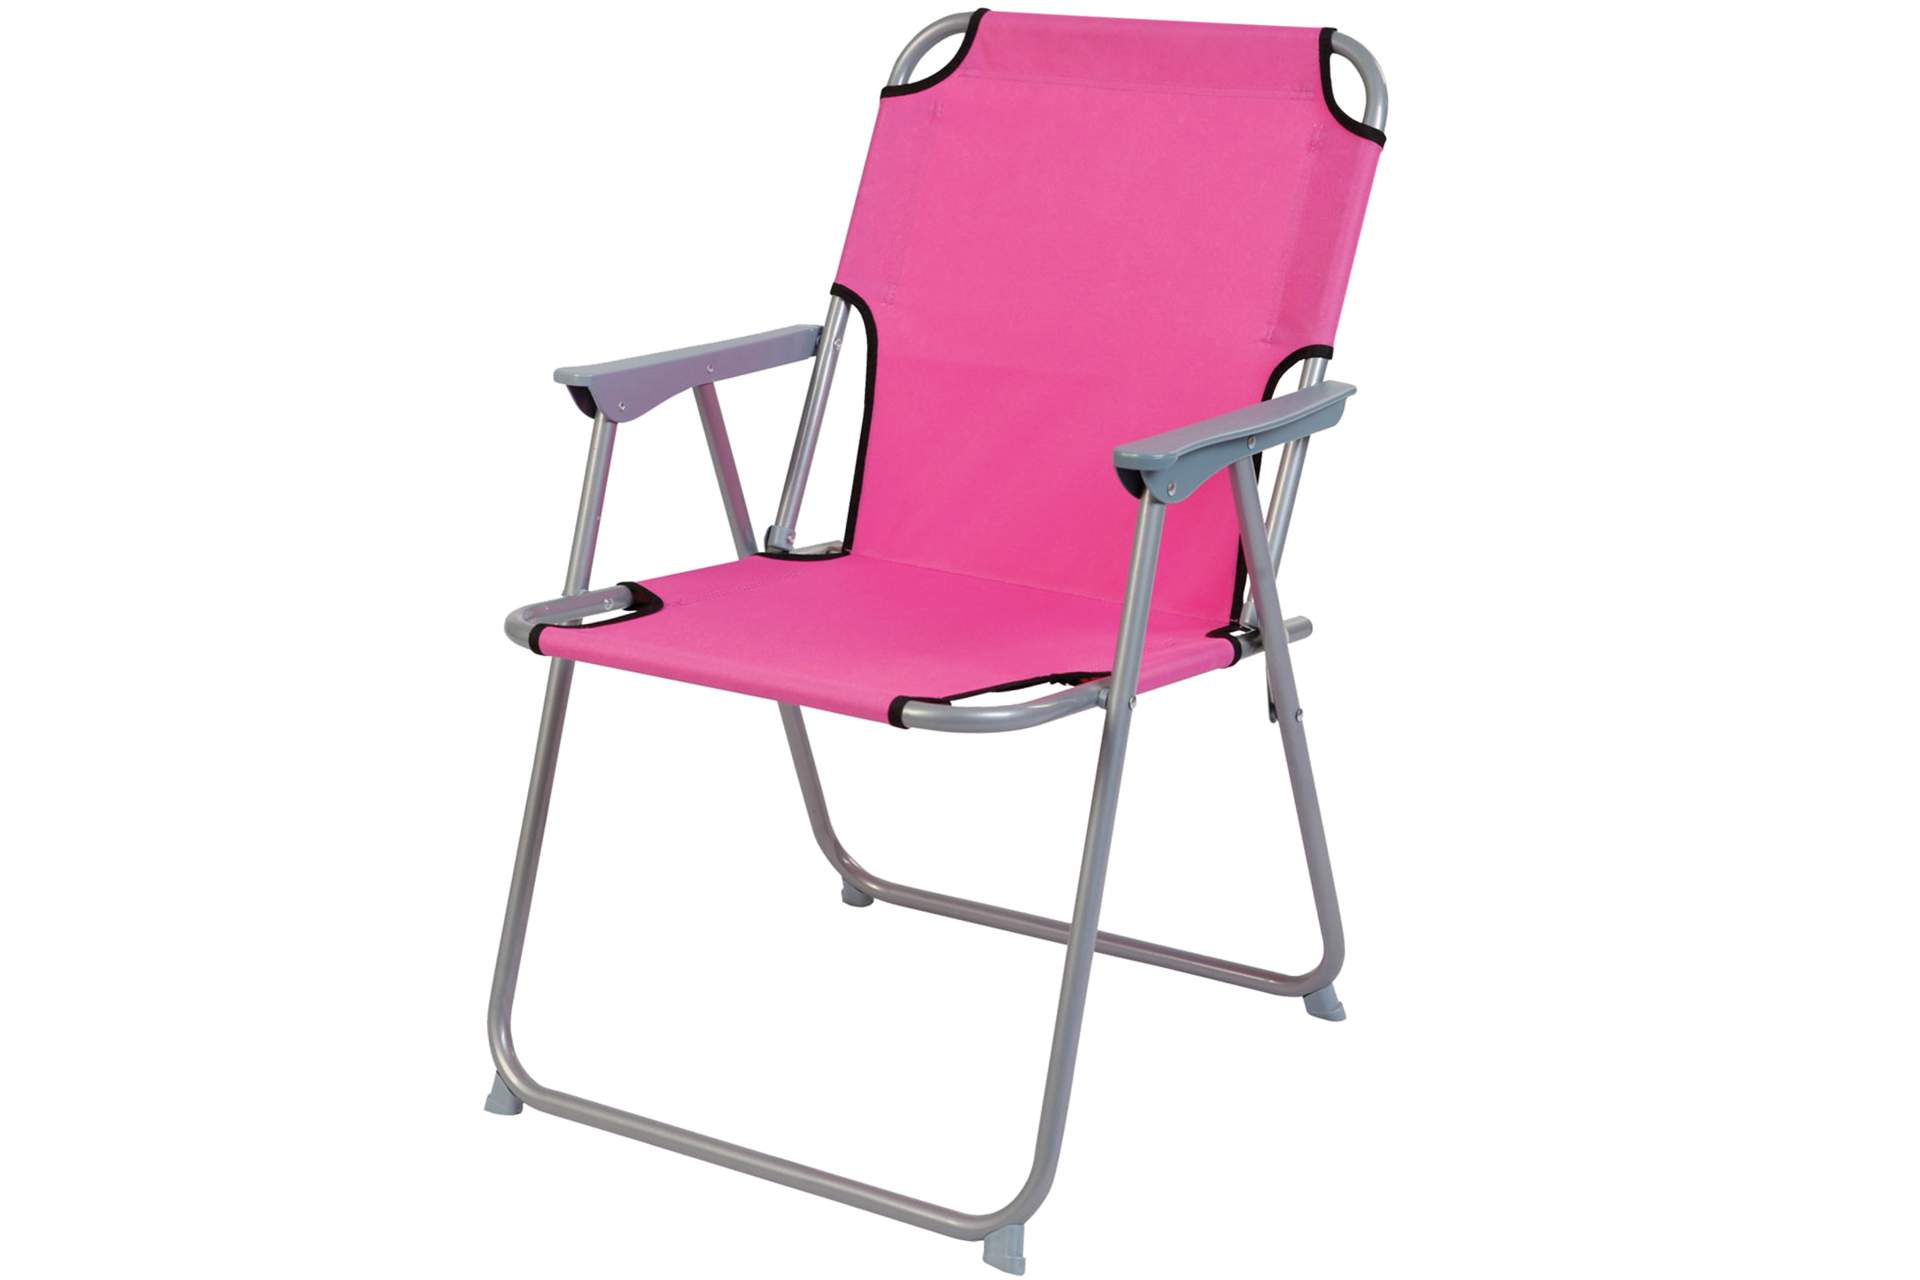 klappstuhl oxford pink stoff bezug uni klappsessel camping stuhl klappbar neu ebay. Black Bedroom Furniture Sets. Home Design Ideas